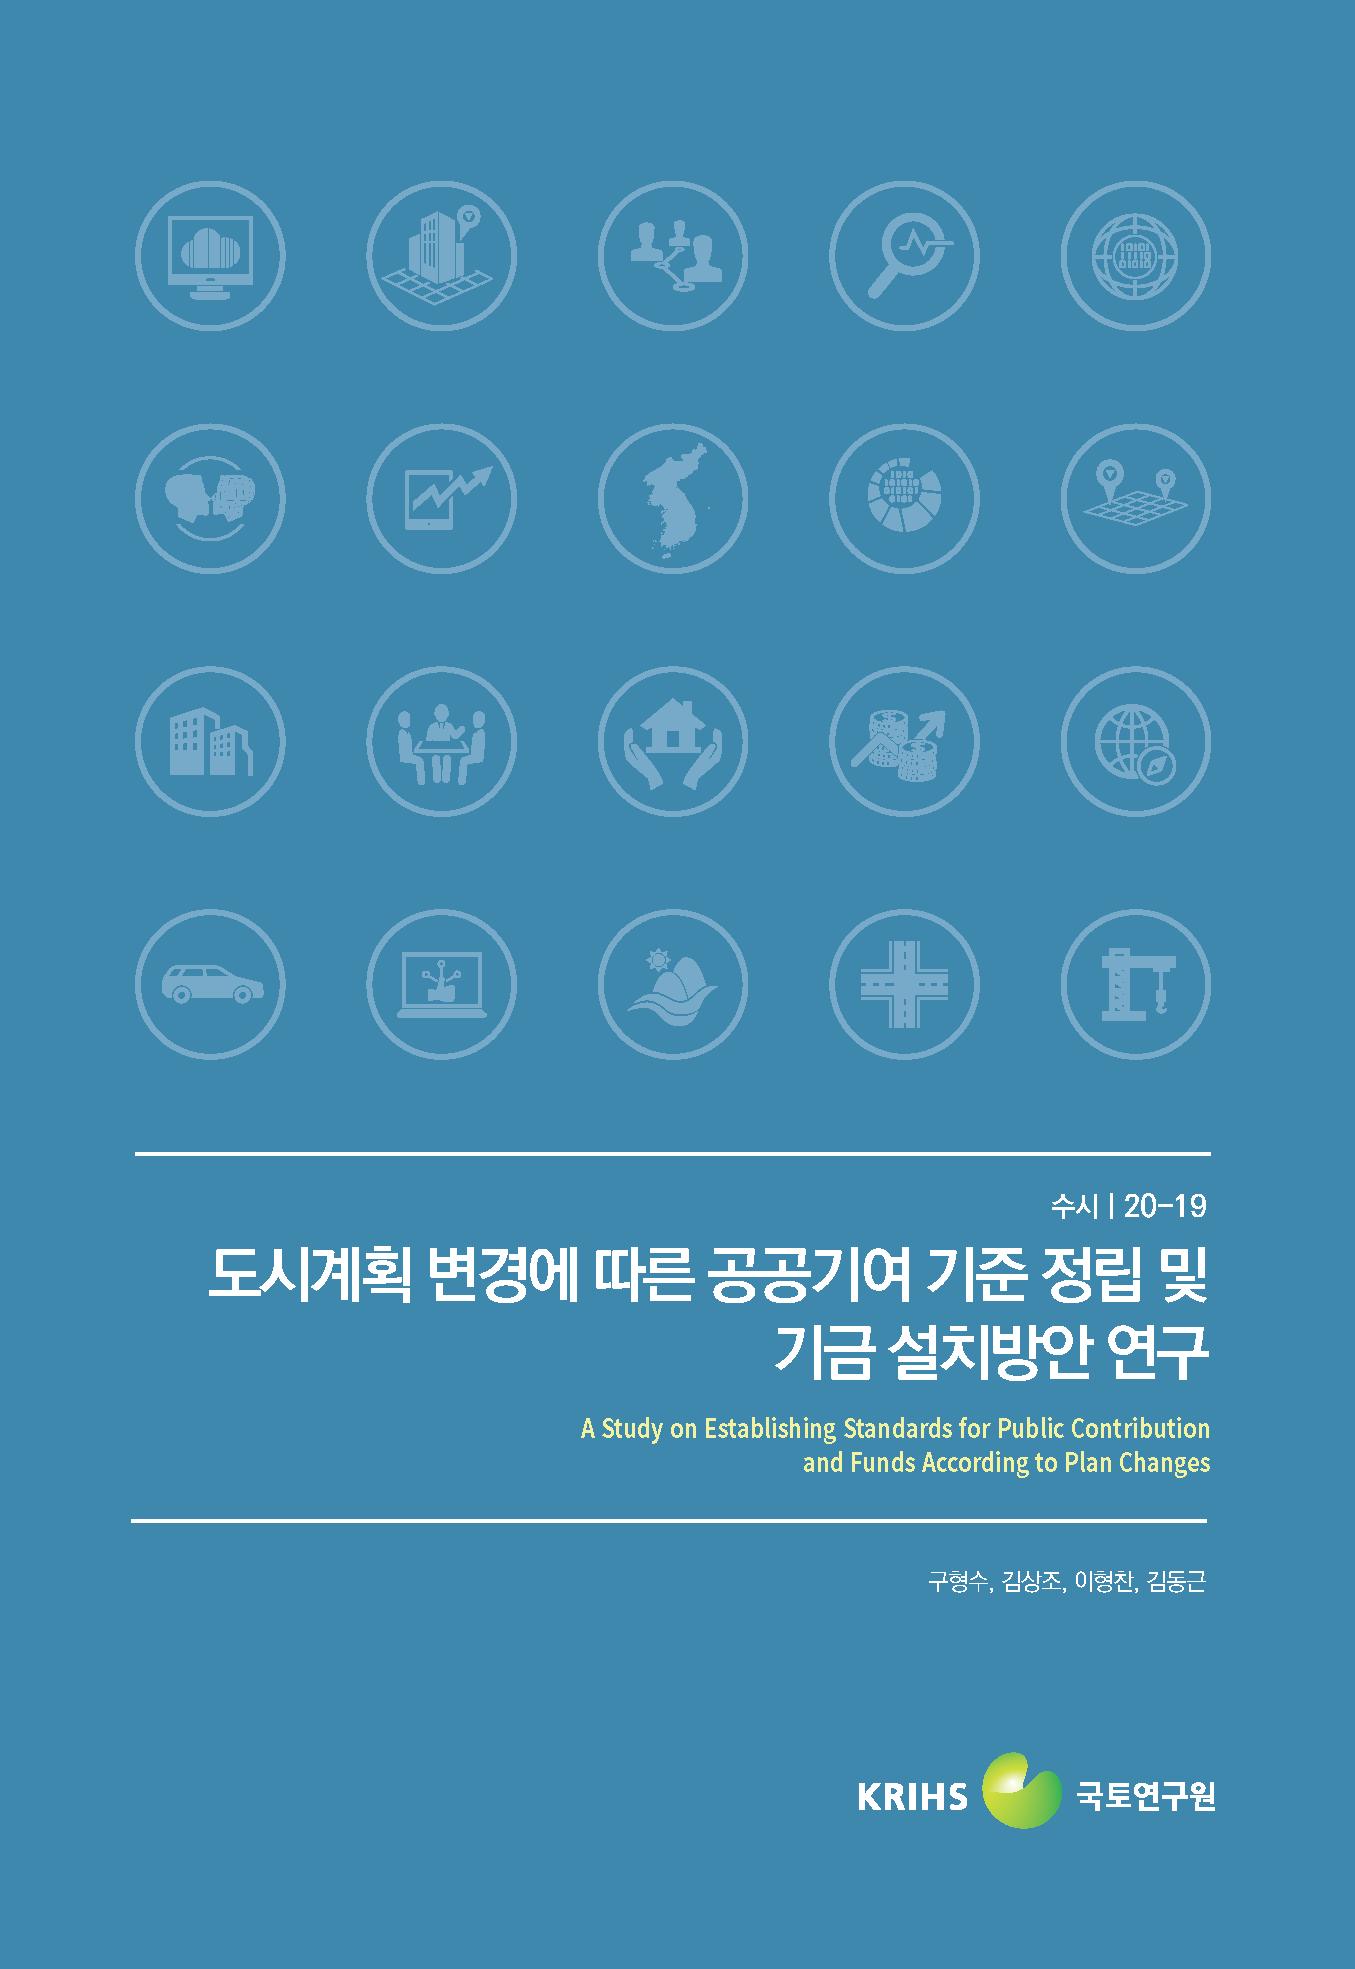 도시계획 변경에 따른 공공기여 기준 정립 및 기금 설치방안 연구 (A Study on Establishing Standards for Public Contribution and Funds According to Plan Changes)